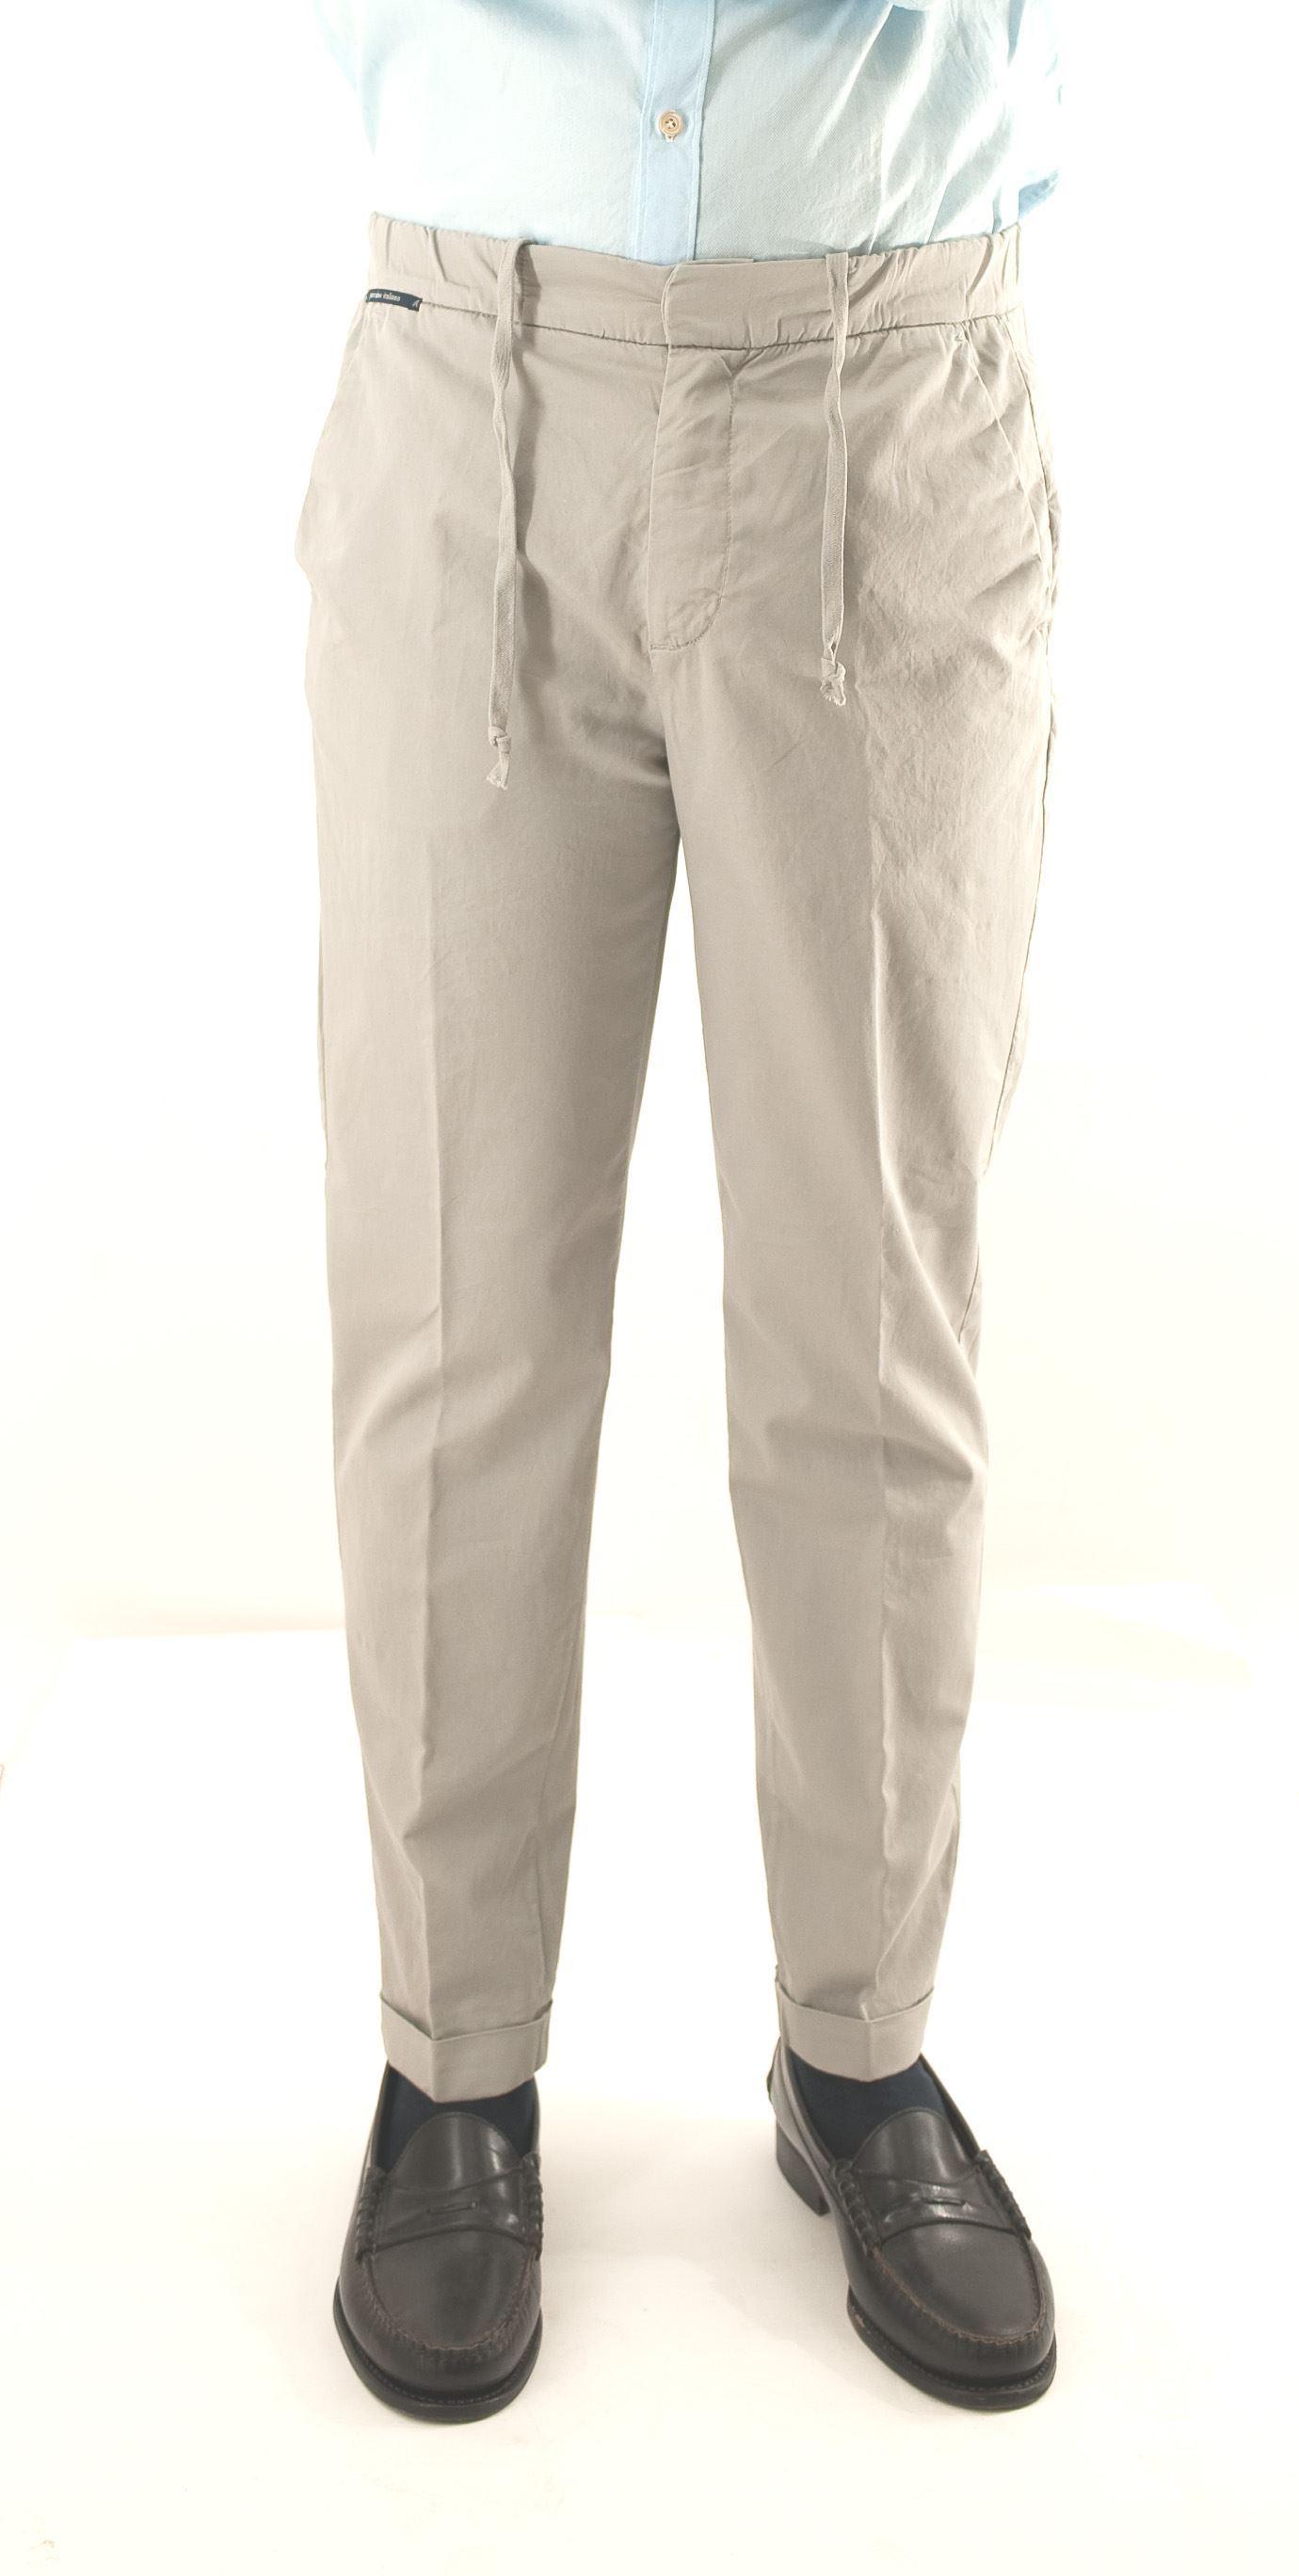 Immagine di Pantalone color cenere in cotone con coulisse